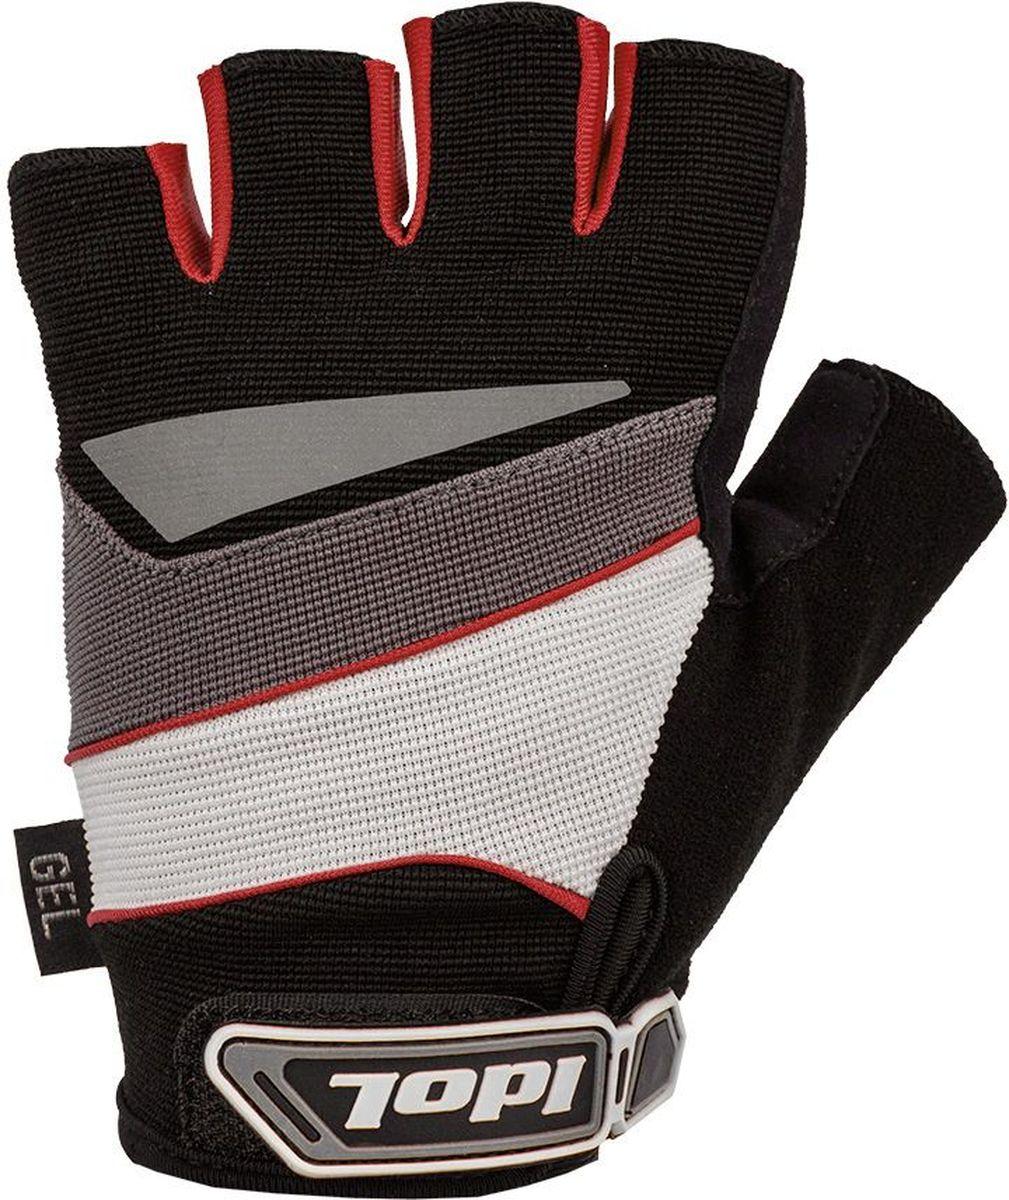 """Перчатки велосипедные Idol """"Lech"""", цвет: черный, красный. Размер XL 2703"""